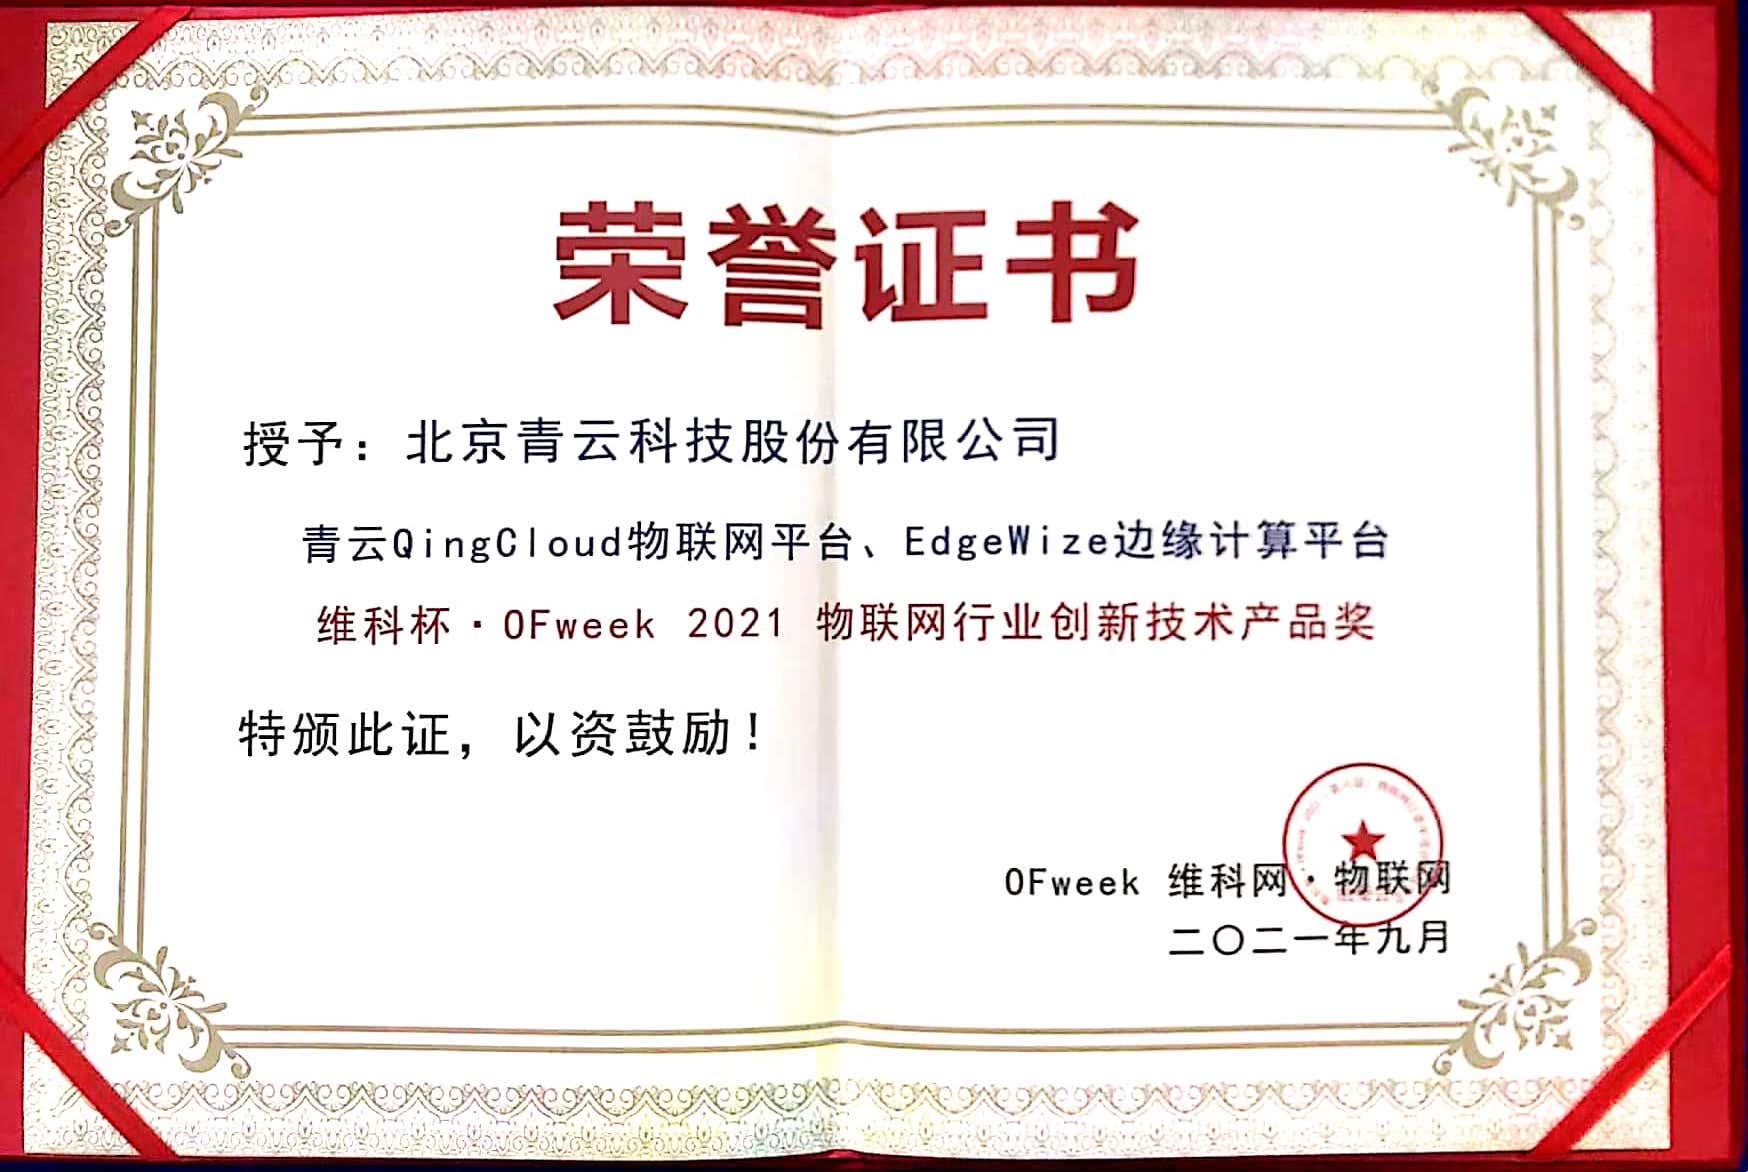 """青云QingCloud 物联网平台与边缘计算平台摘得""""物联网行业创新技术产品奖"""""""